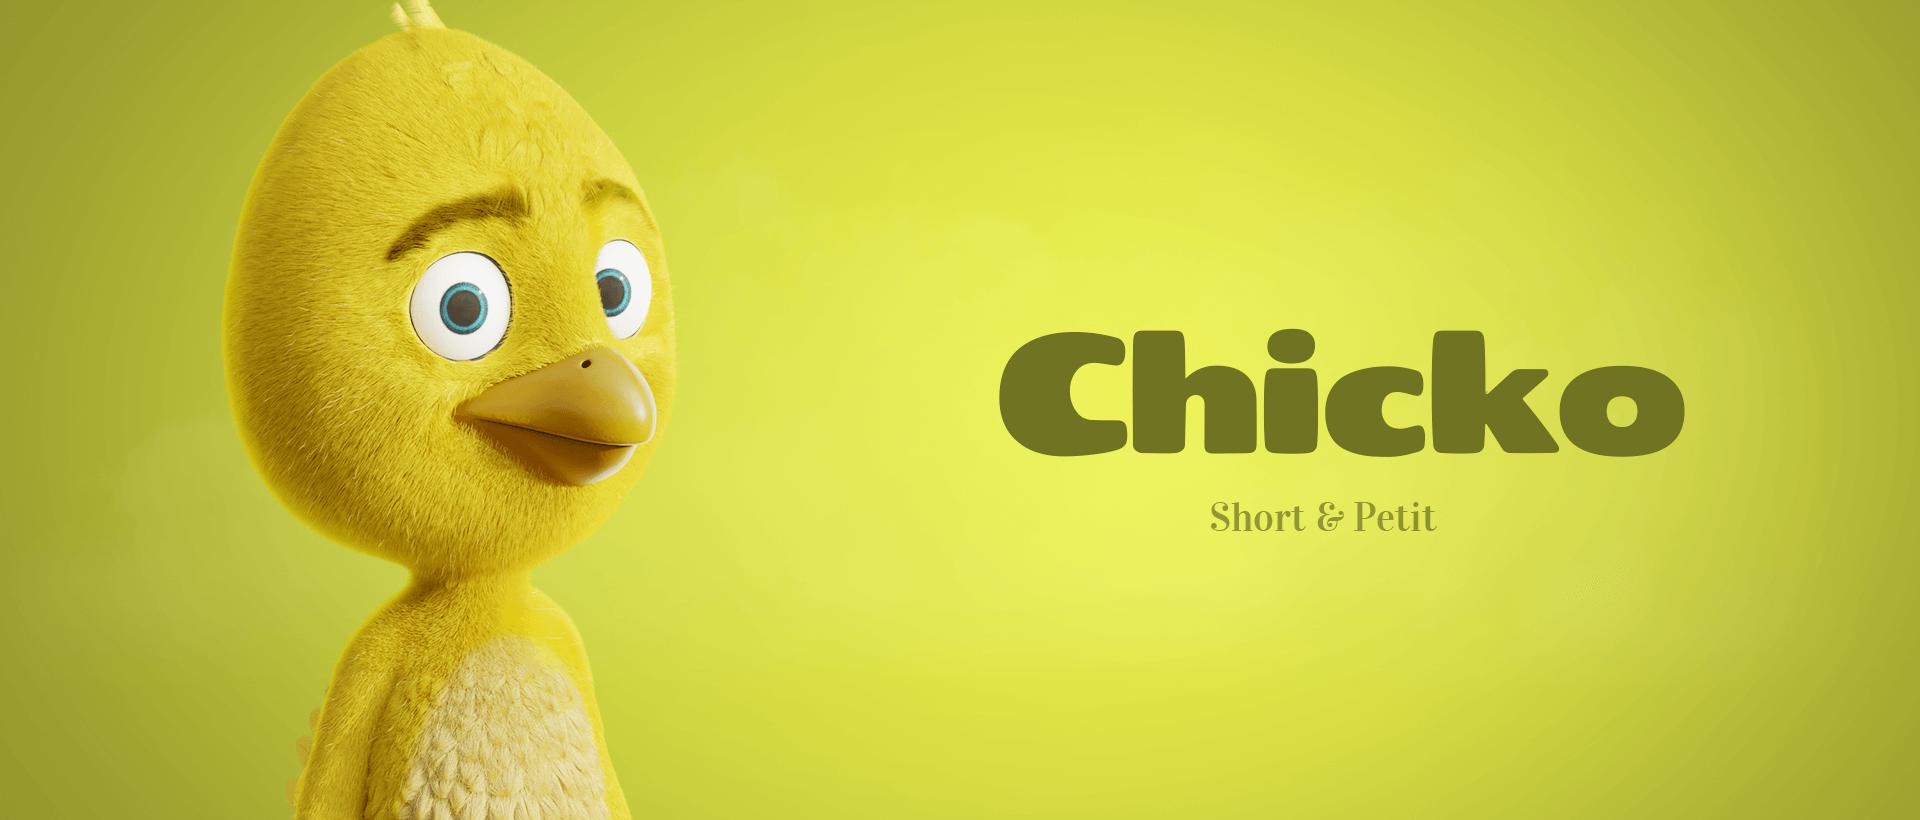 chicko short film banner